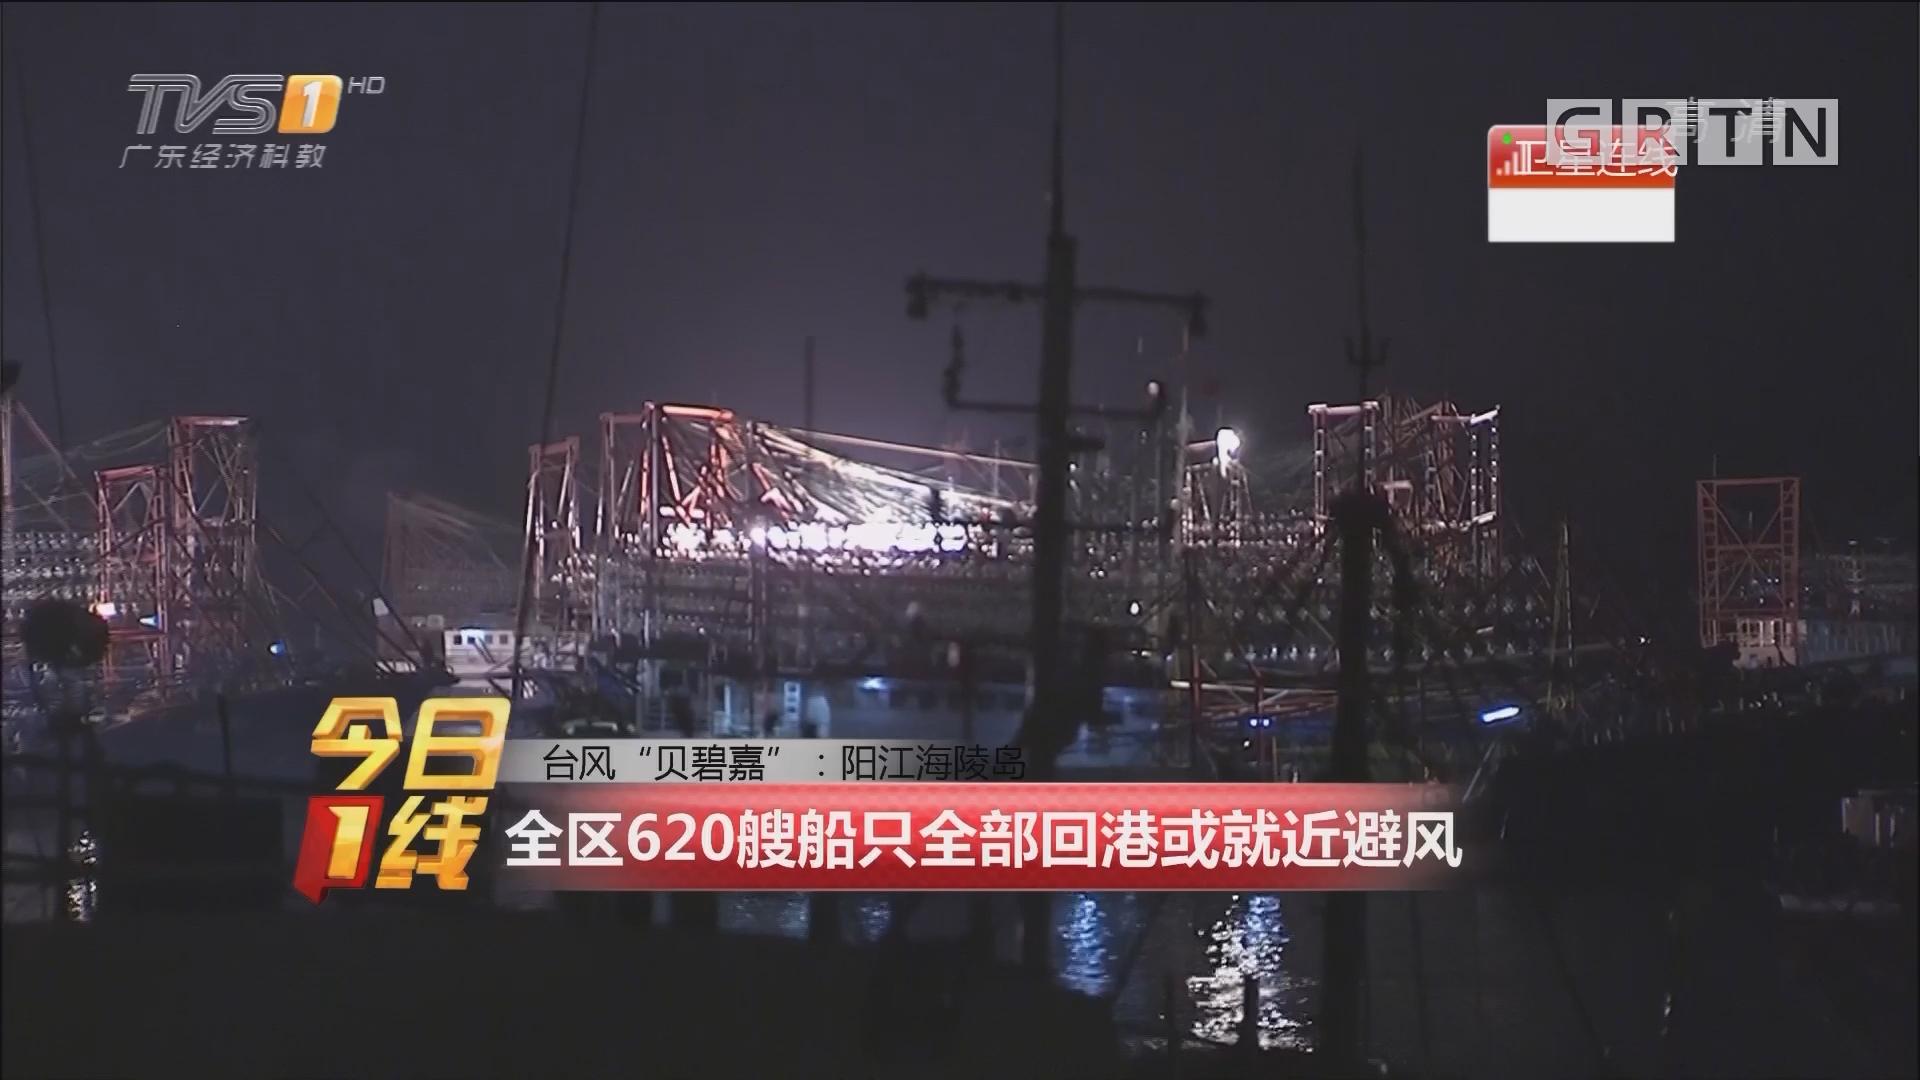 """台风""""贝碧嘉"""":阳江海陵岛 全区620艘船只全部回港或就近避风"""